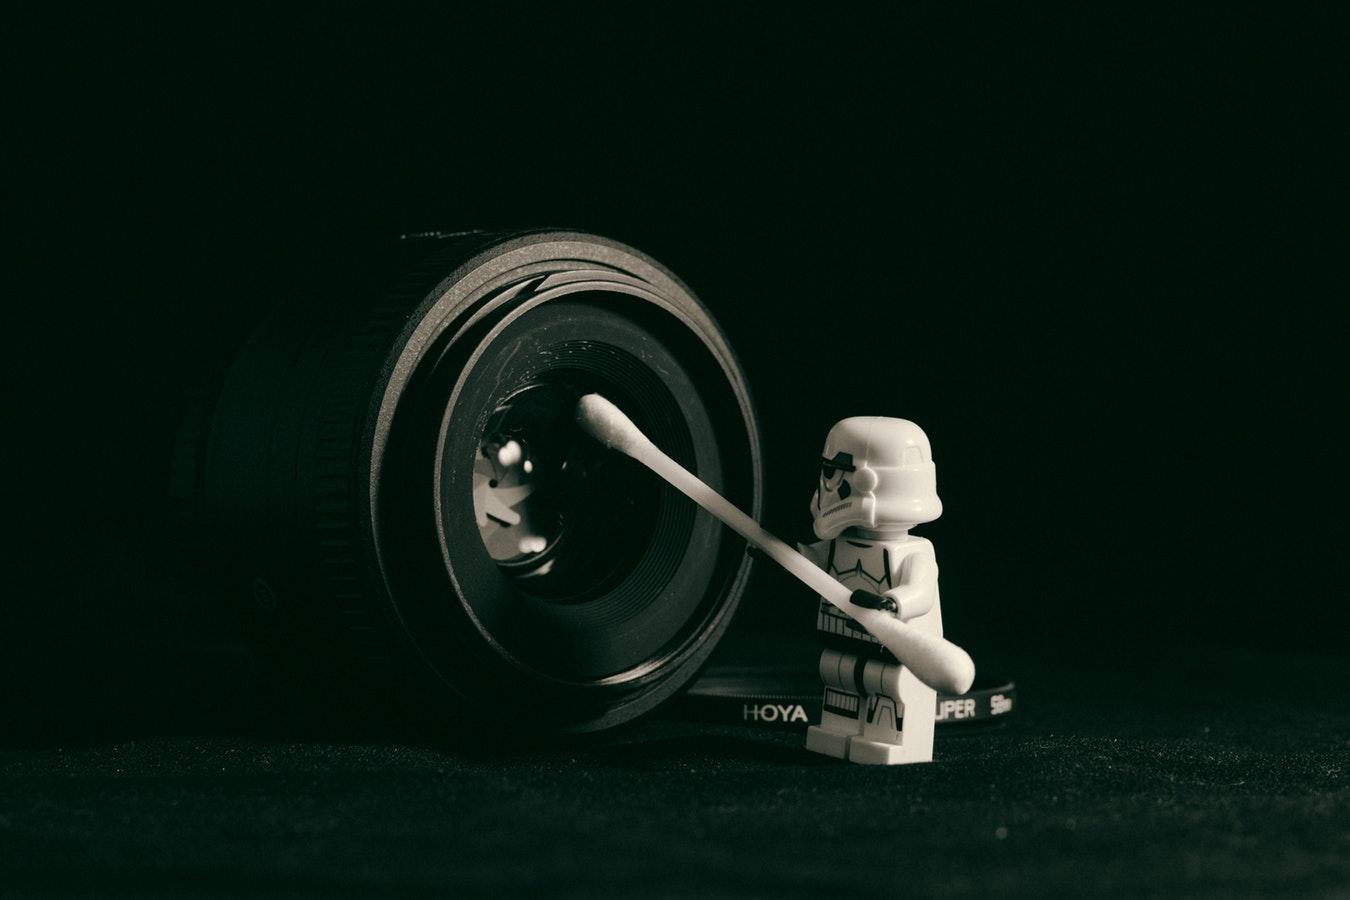 5 Ways To Improve Your Image Optimisation